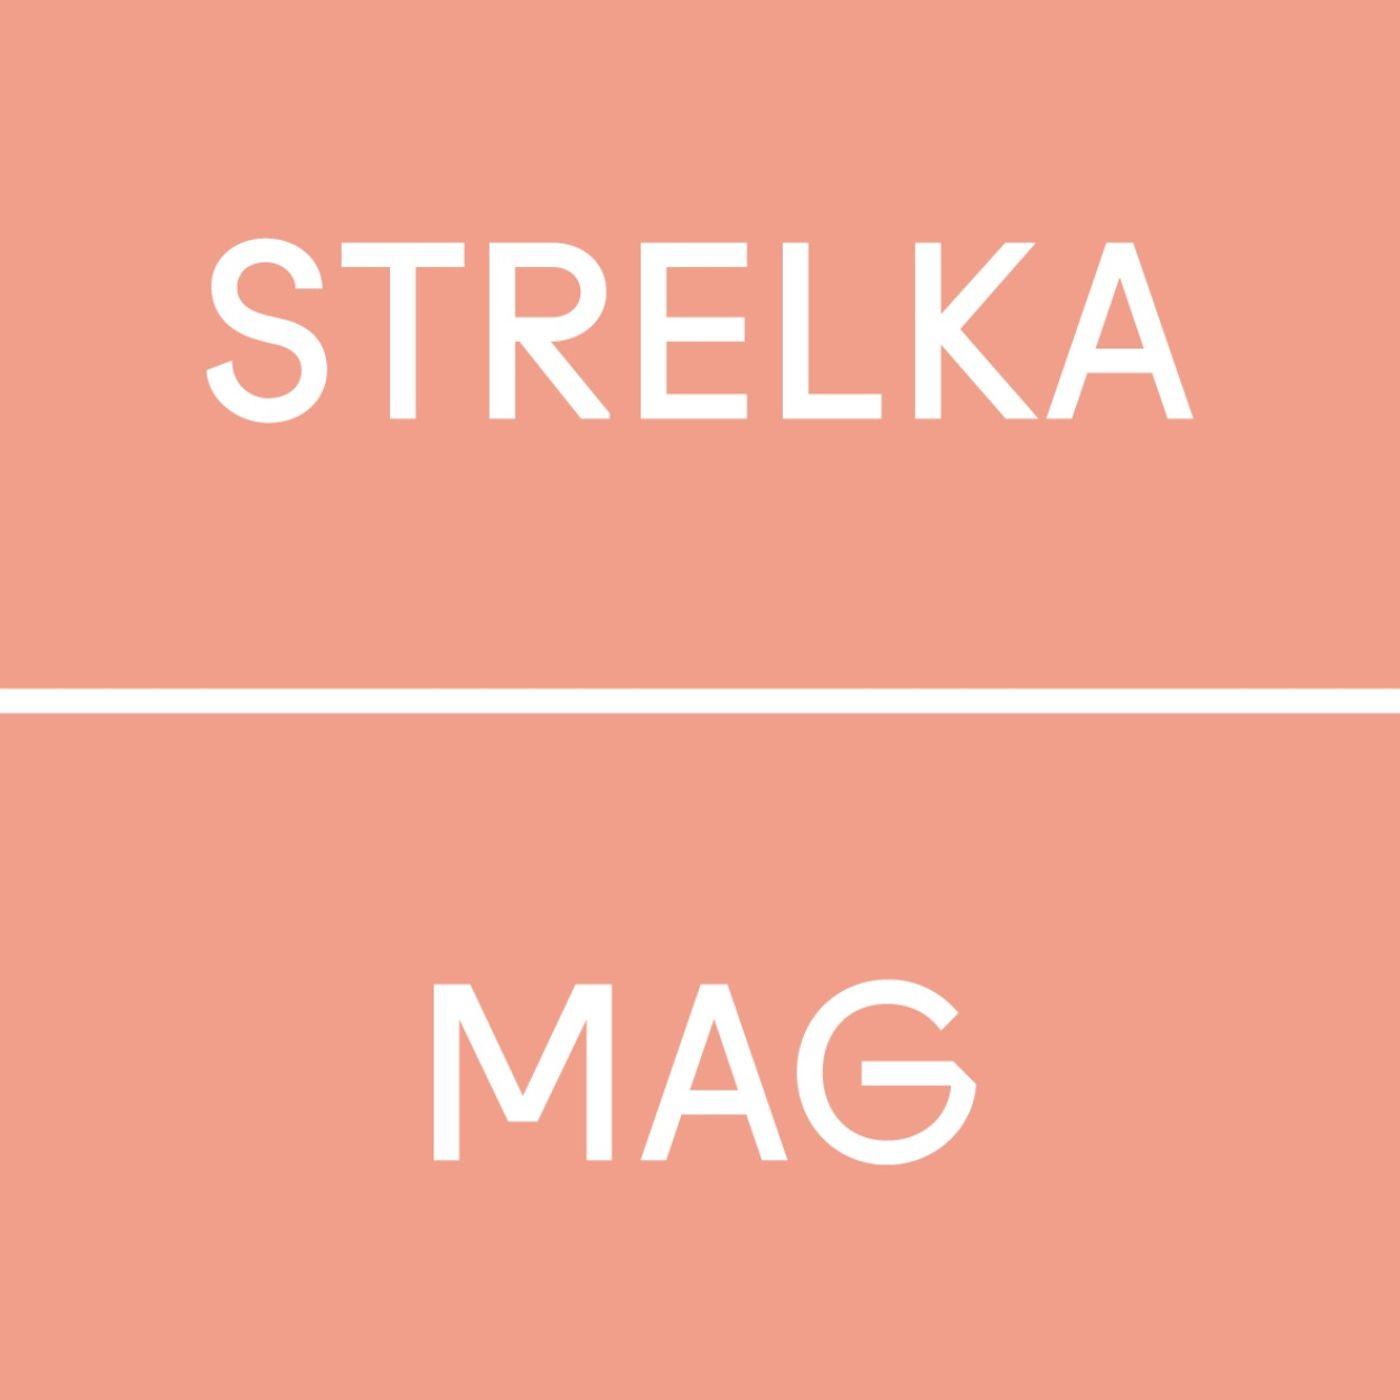 Скука: инструкция по применению. Геймдизайнер Дима Веснин на Strelka Mag